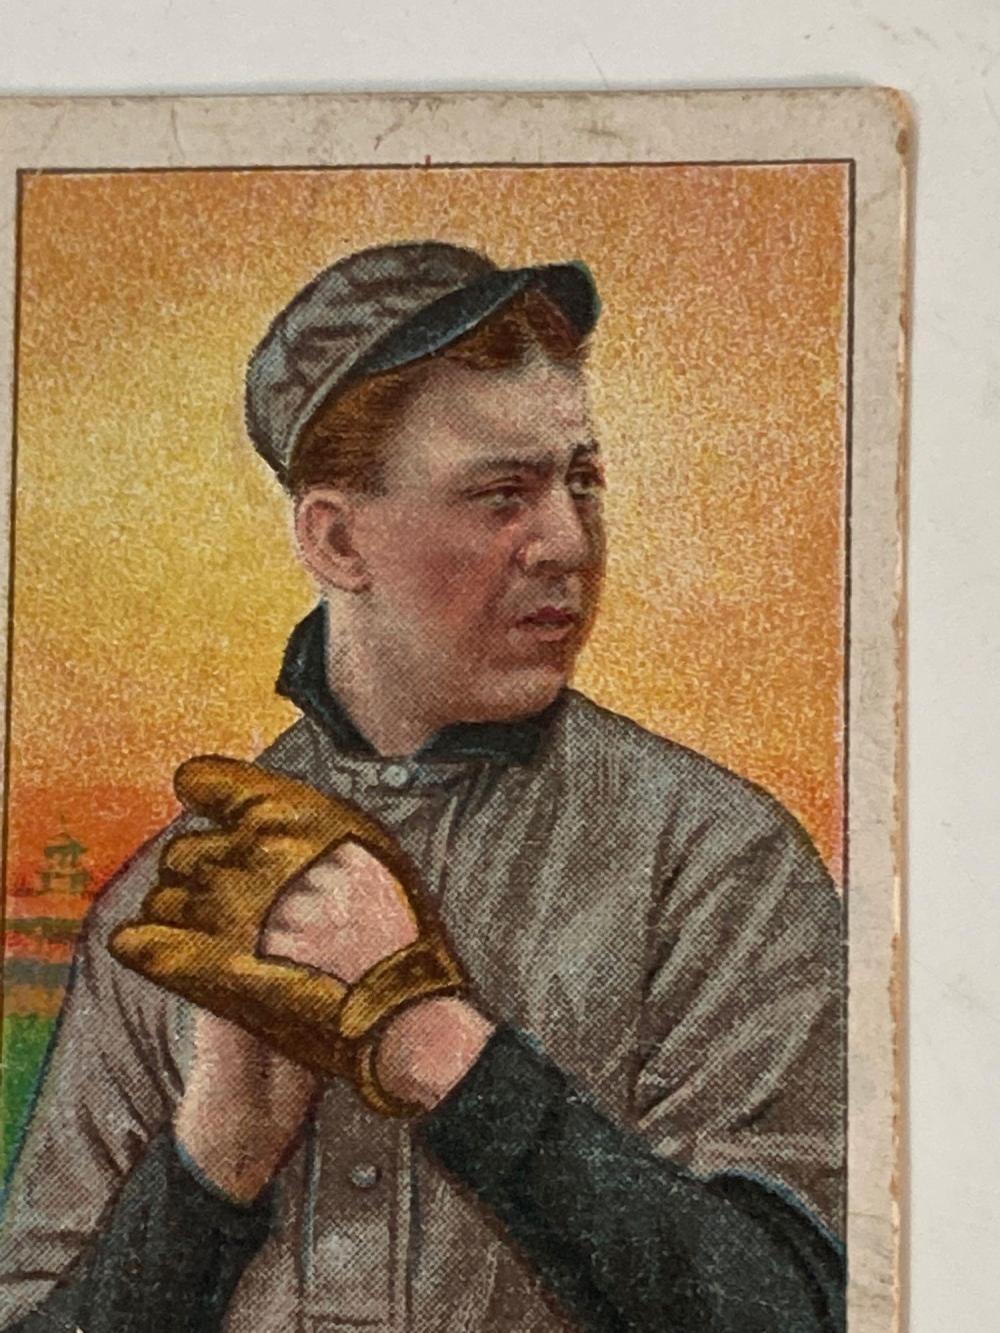 1909-1911 T206 Addie Joss Hands on Chest Cleveland Naps